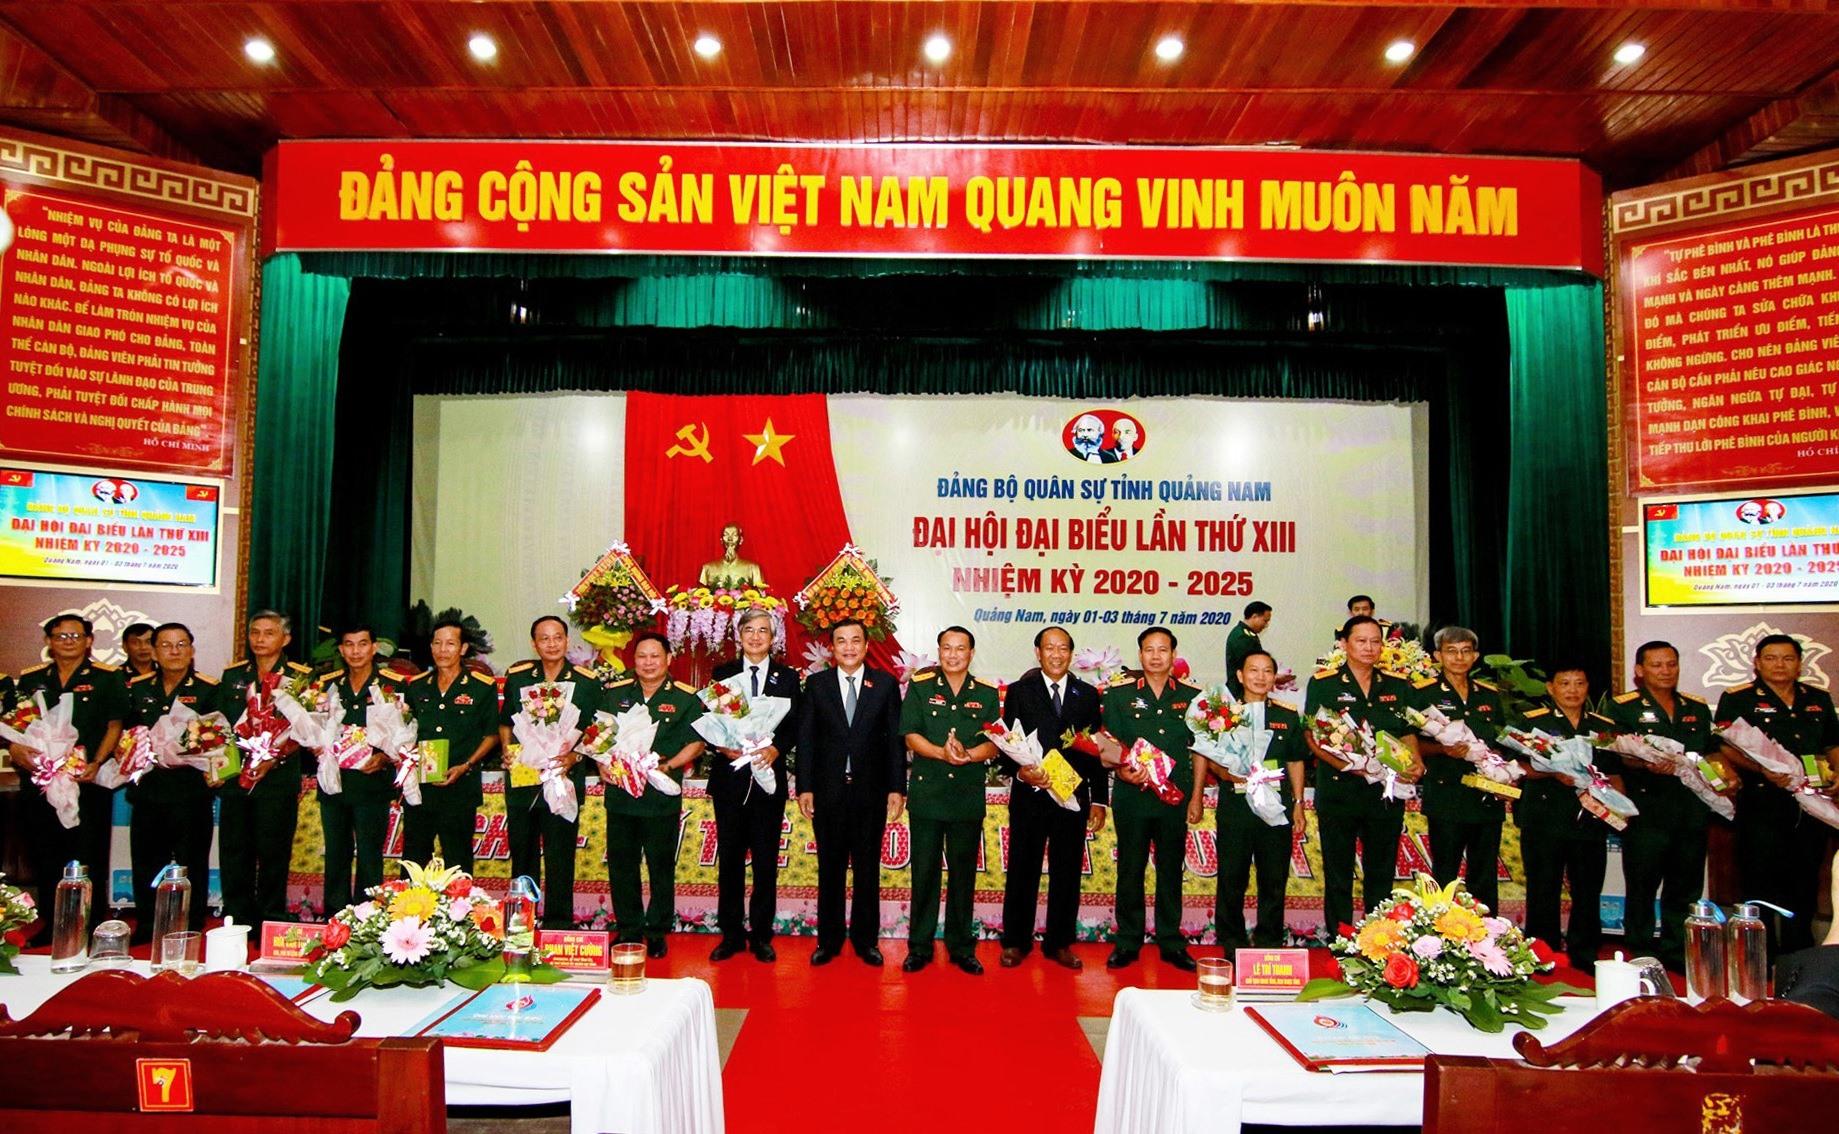 Bí thư Tỉnh ủy Phan Việt Cường cùng đại diện Bộ CHQS tỉnh tặng hoa cho các đồng chí nguyên là Ủy viên Ban chấp hành Đảng bộ Quân sự tỉnh nhiệm kỳ 2015 - 2020. Ảnh: T.C